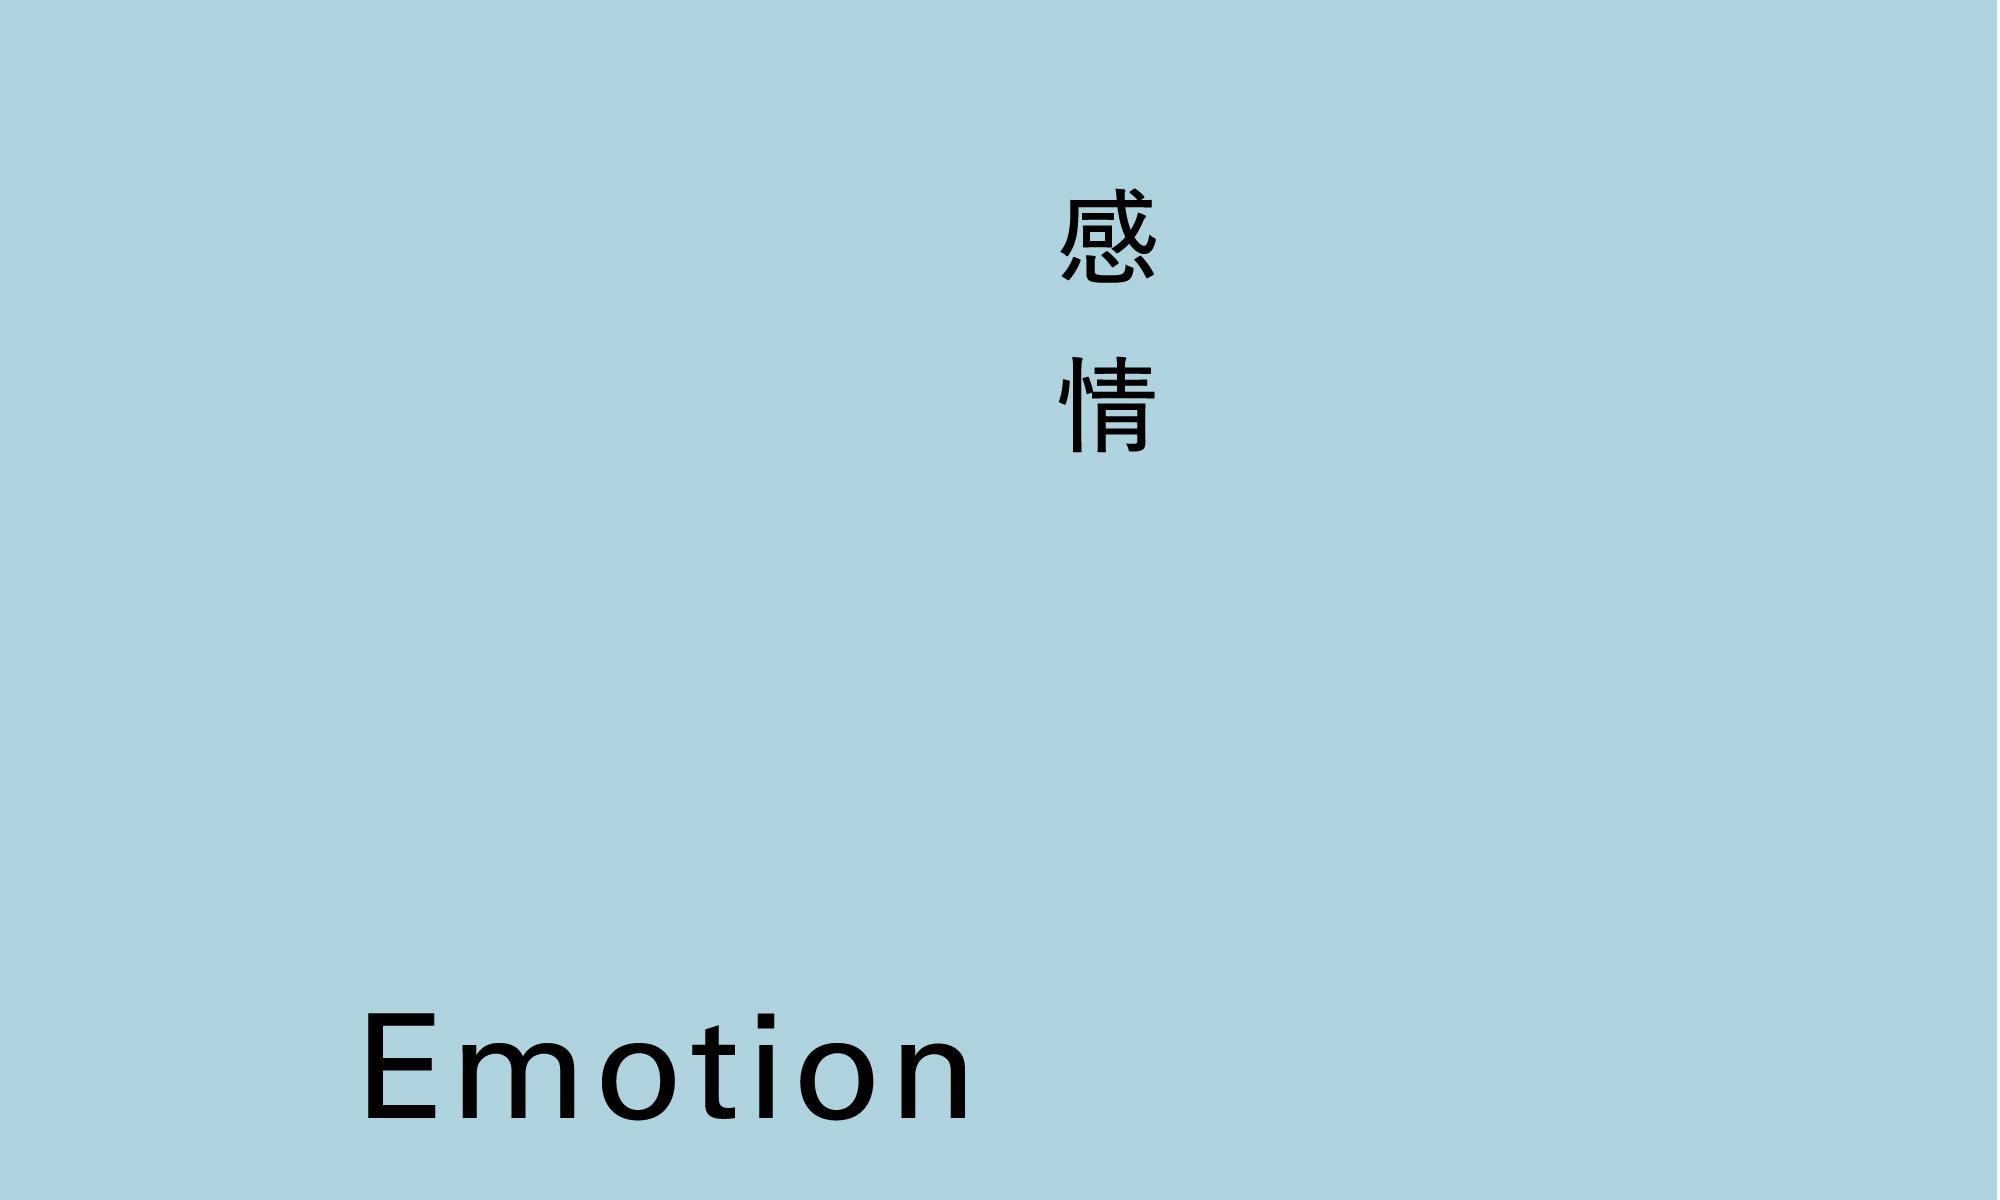 言語と感情。-言葉で表現できない世界-